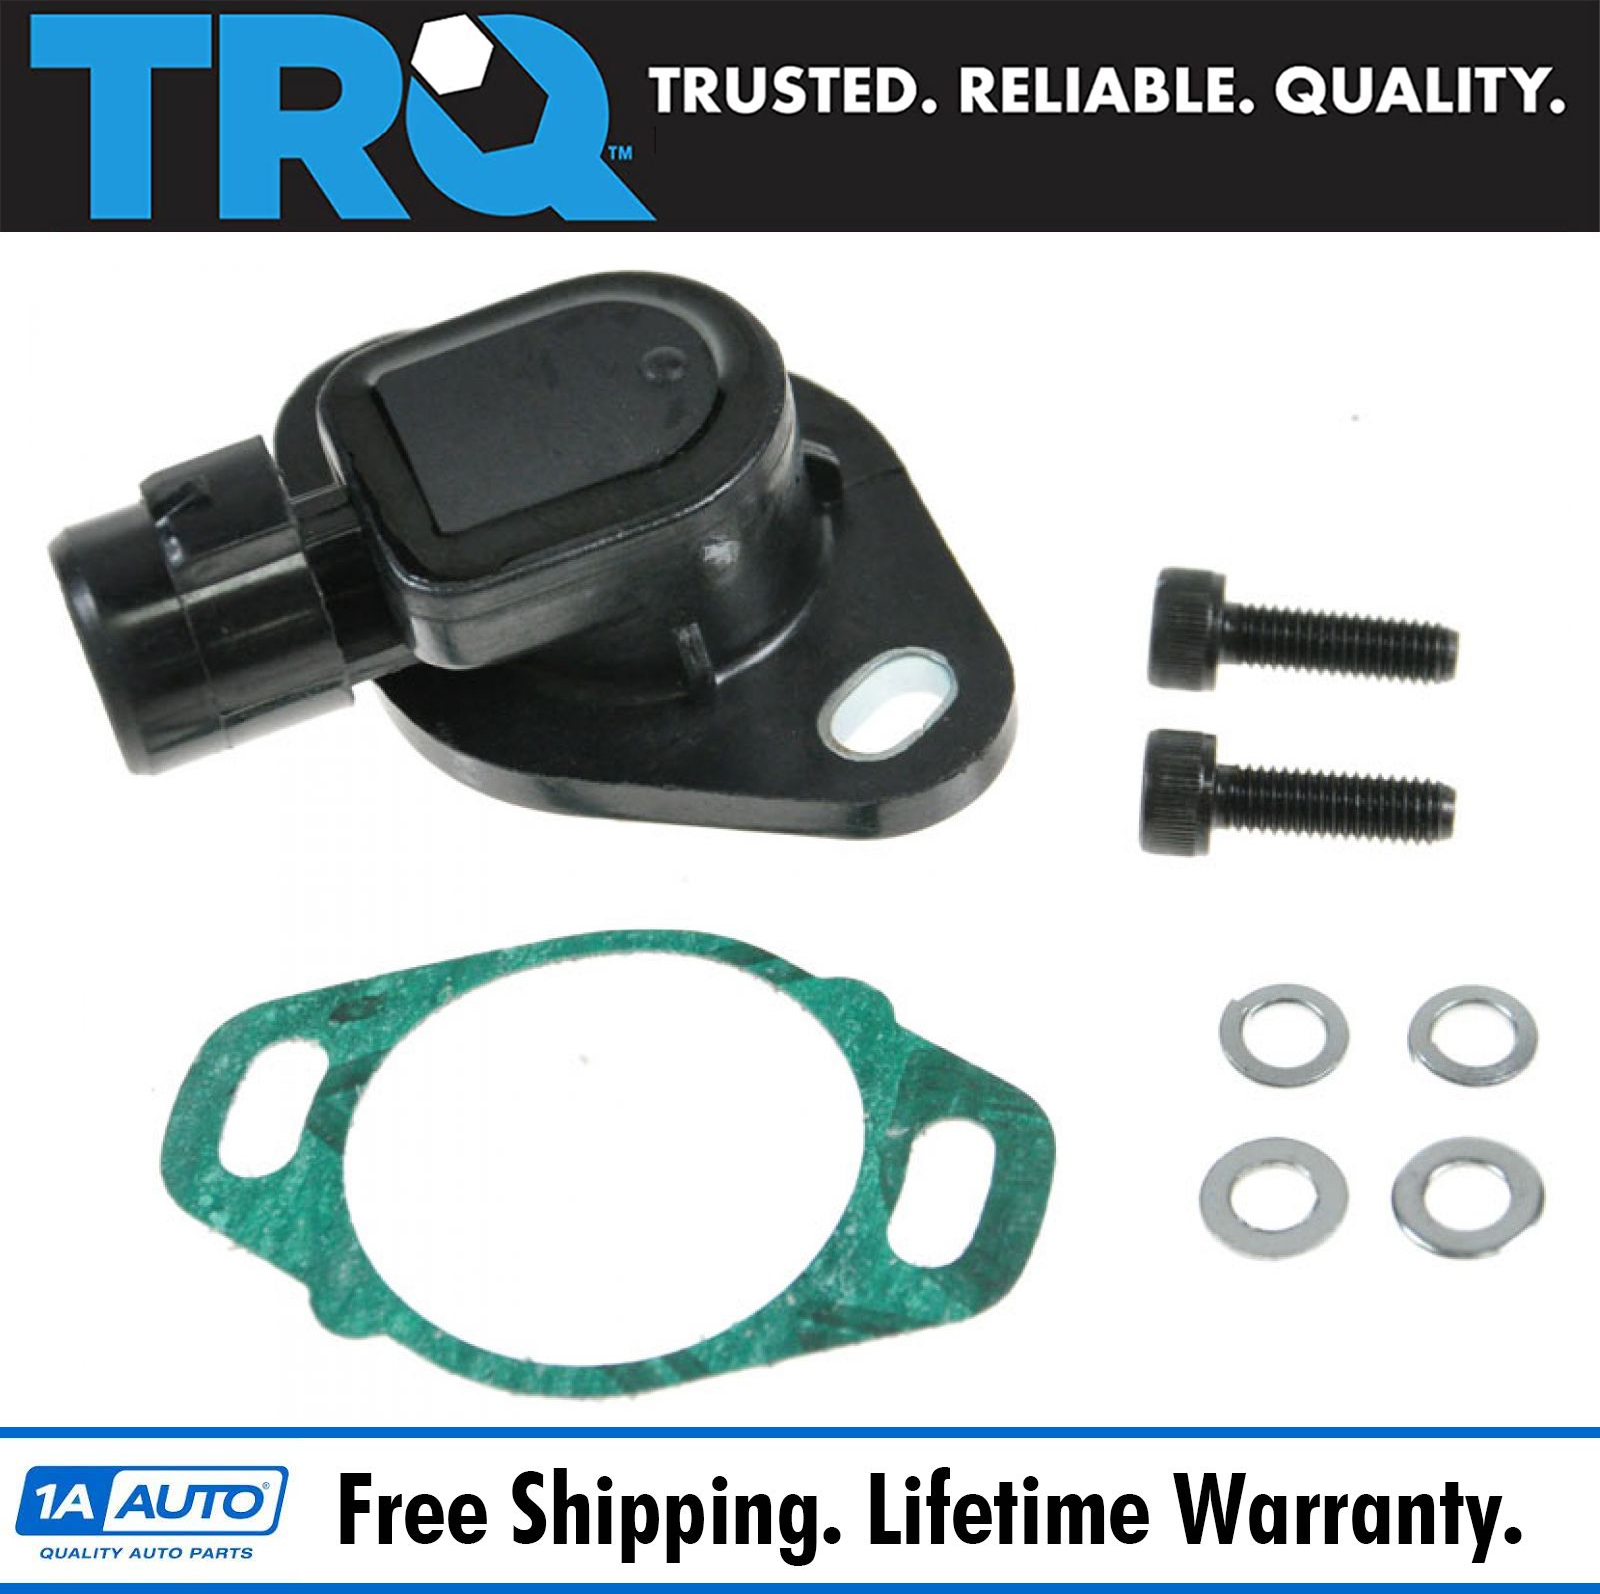 TPS Throttle Position Sensor Accelerator Switch For Honda